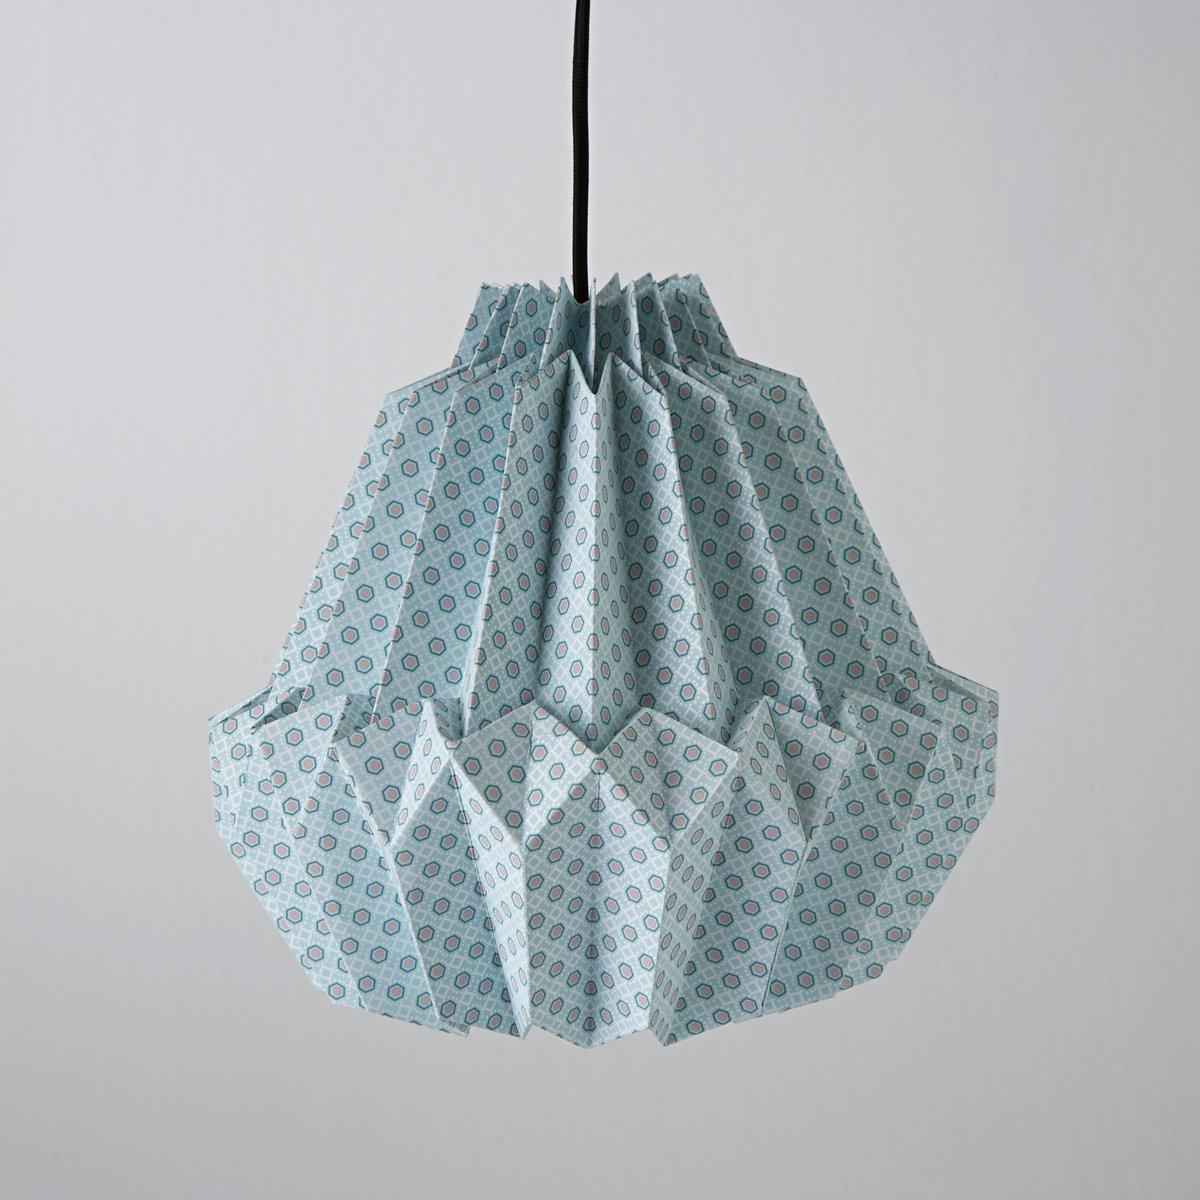 Светильник ShimaСветильник оригами из бумаги с рисунком SHIMA : когда искусство оригами озаряет ваш интерьер ..Характеристики светильника  Shima  :Патрон E27 для флюокомпактной лампочки макс 8W (не входит в комплект)  .Потолочная чаша из металла.Светильник Shima продается готовым к сборке.Этот светильник совместим с лампочками    энергетического класса   A  Найдите нашу коллекцию светильников на сайте laredoute.ru.Размер светильника  SHIMA  :Выс 31 x ? 31 см . Общая высота 64 см .<br><br>Цвет: зеленый<br>Размер: единый размер